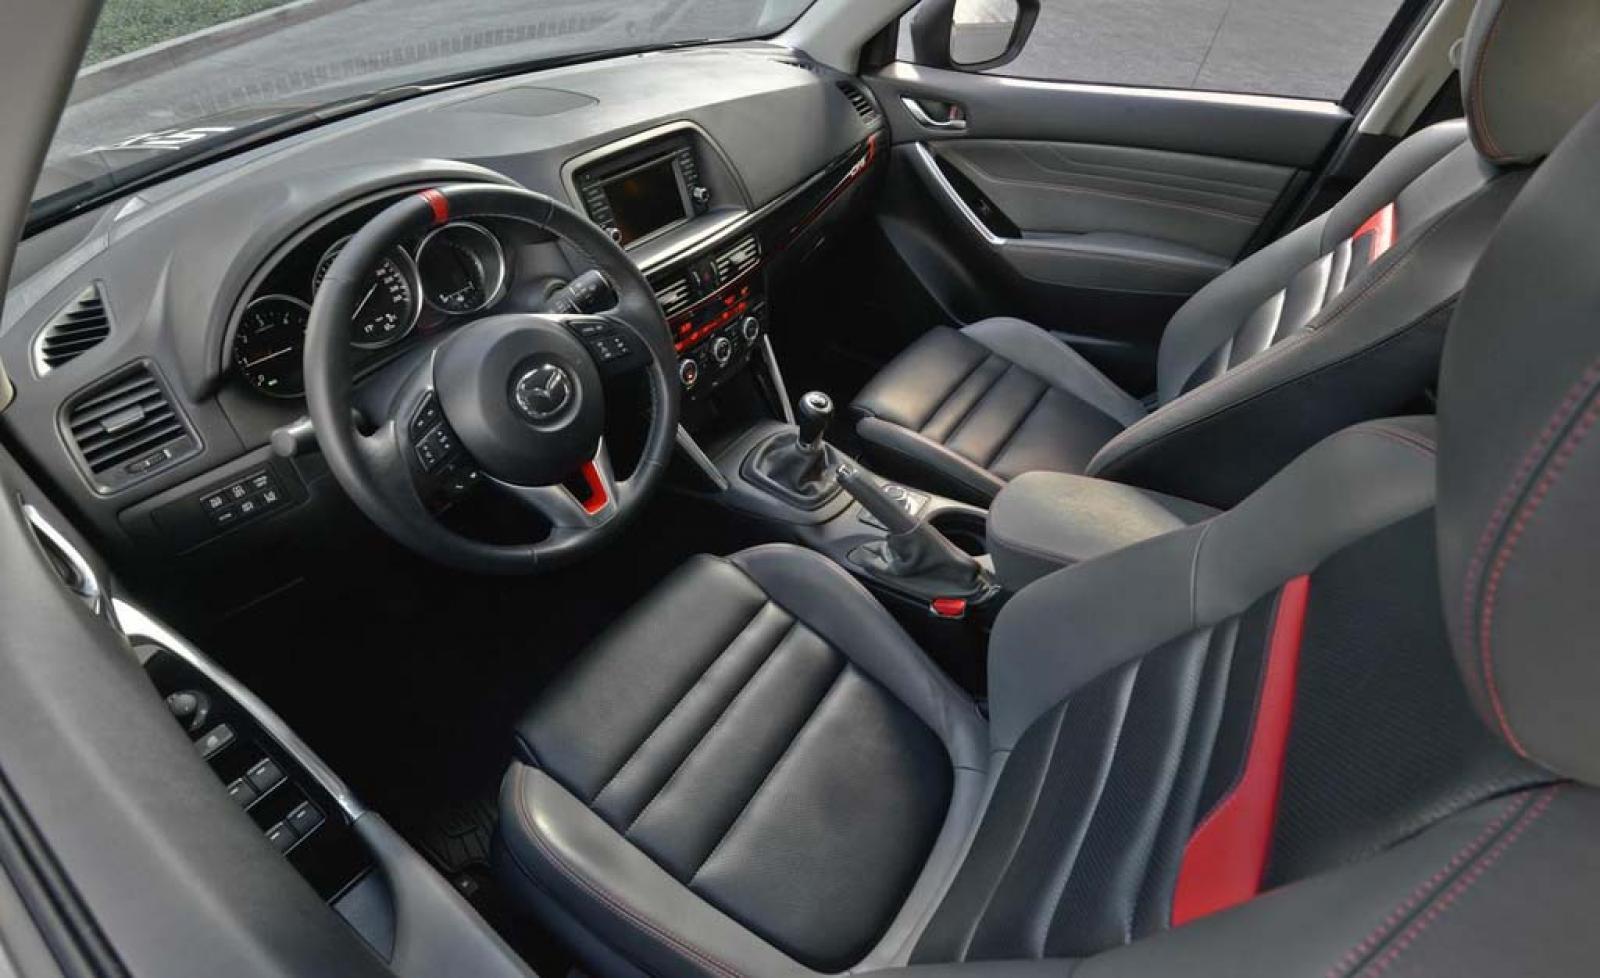 800 1024 1280 1600 Origin 2015 Mazda CX 5 ...